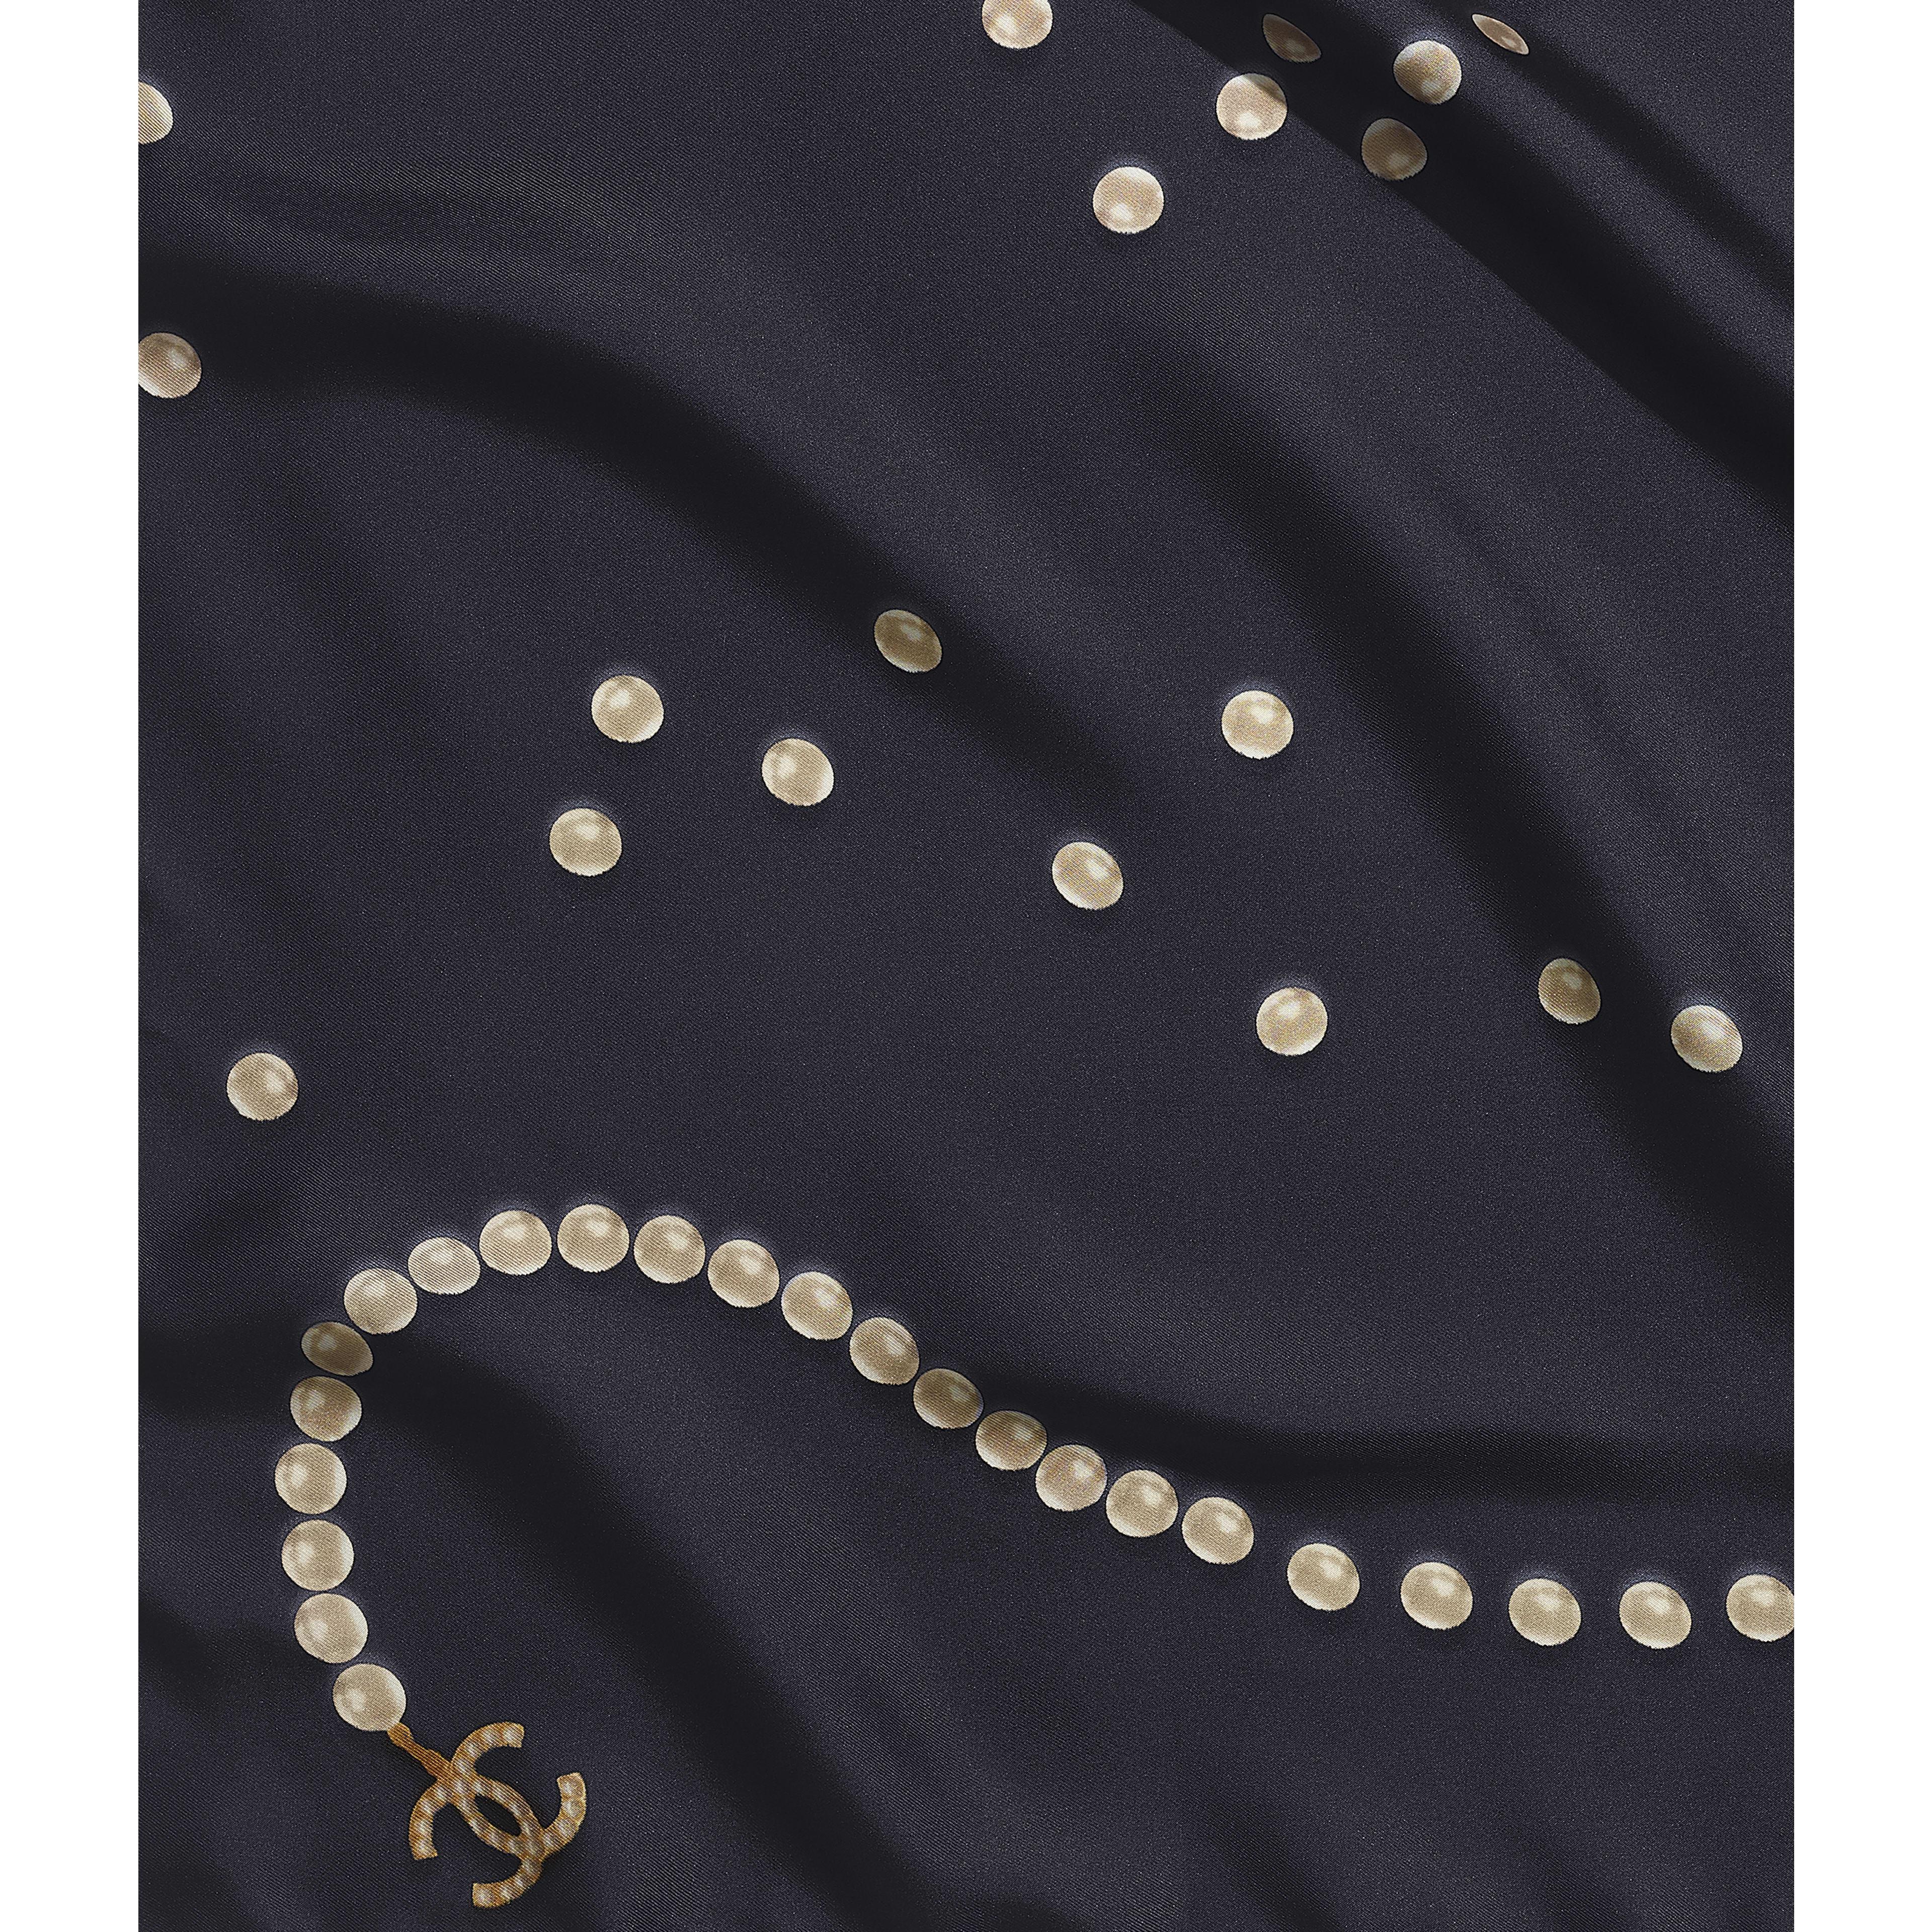 ผ้าพันคอทรงสี่เหลี่ยมจัตุรัส - สีน้ำเงินเนวี่บลู - ผ้าไหม - มุมมองปัจจุบัน - ดูเวอร์ชันขนาดเต็ม